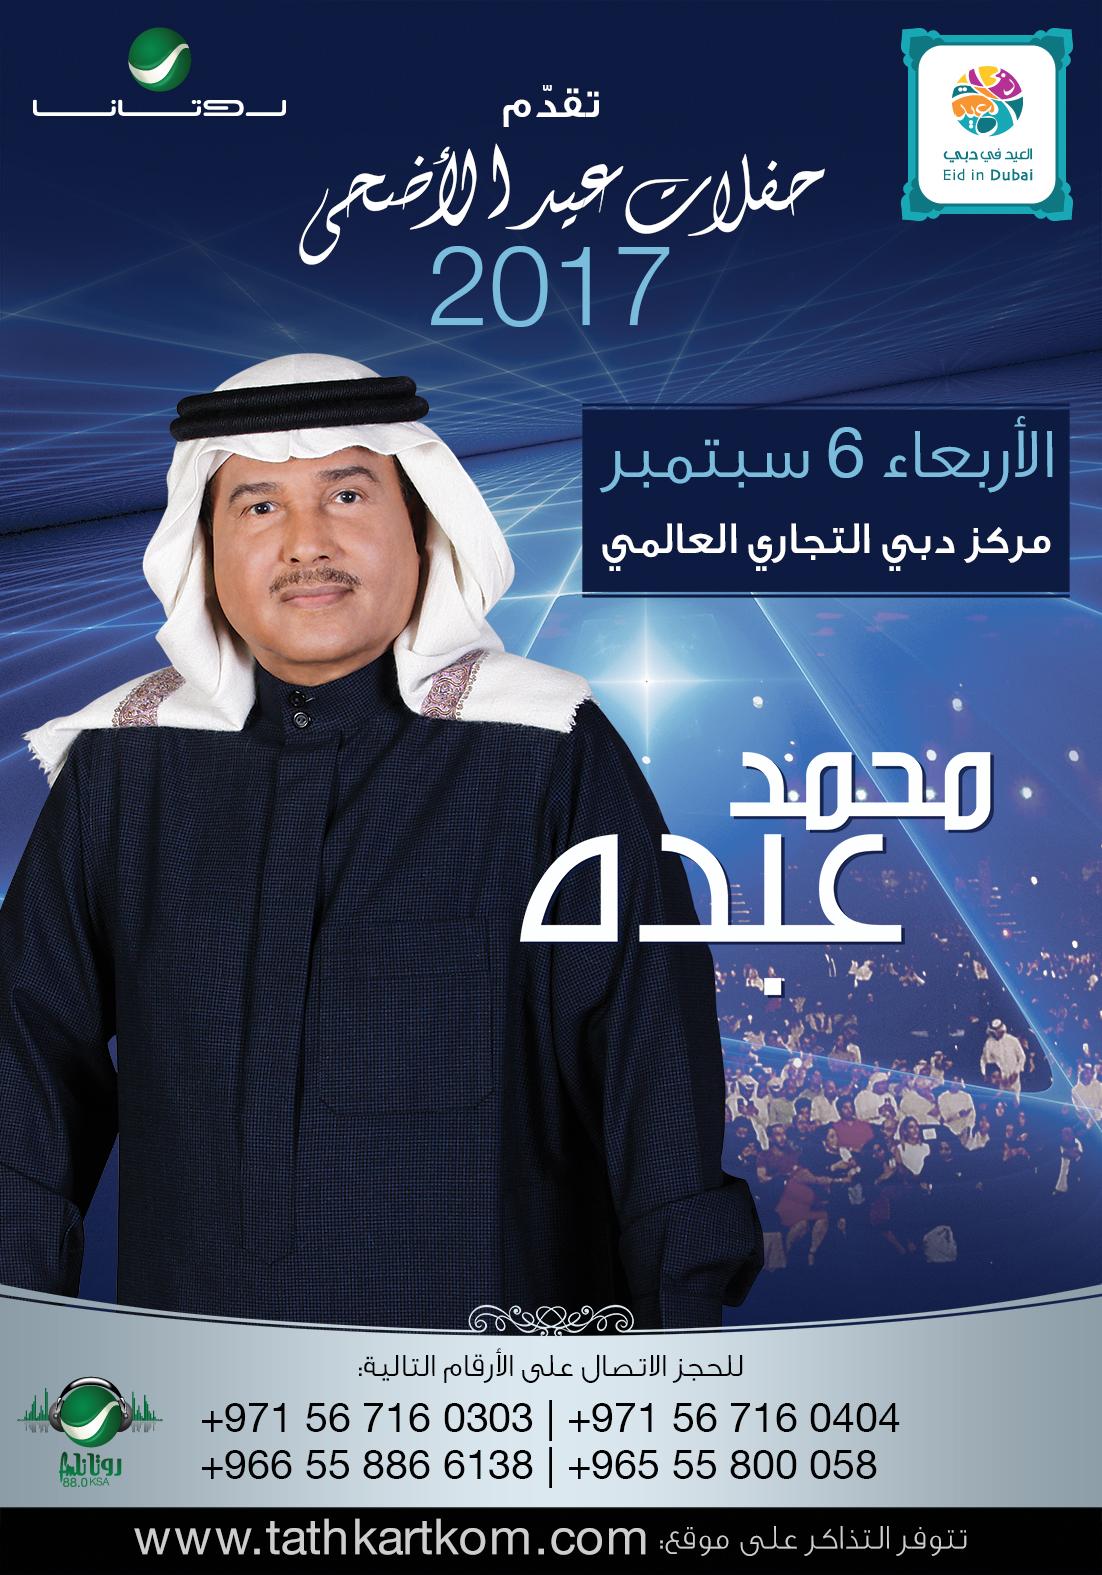 صورة فنان العرب محمد عبده في دبي معايدا جمهوره في عيد الاضحي